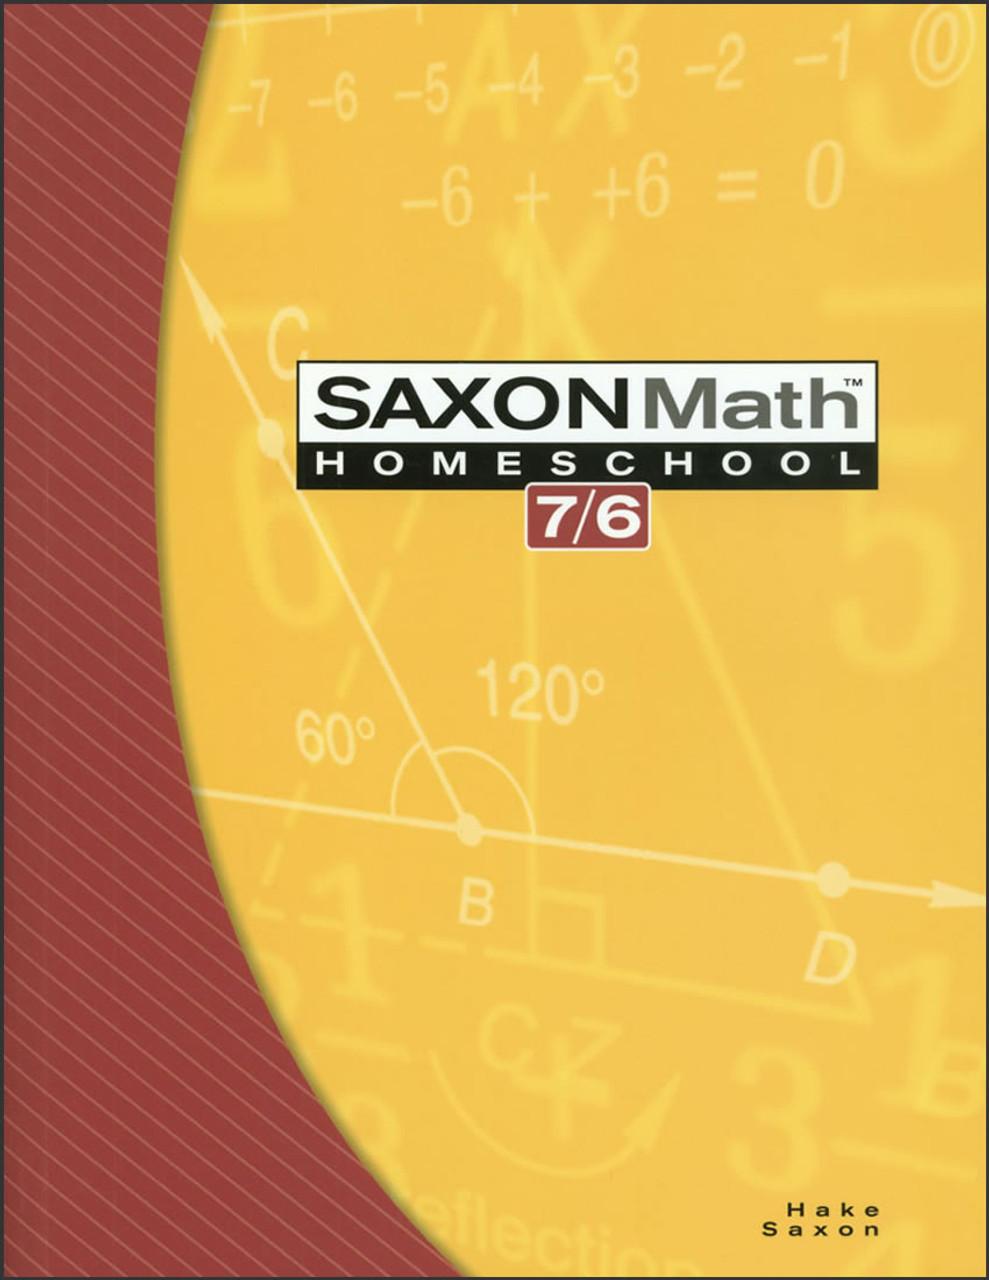 SaxonMath Homeschool 7/6, 4th edition